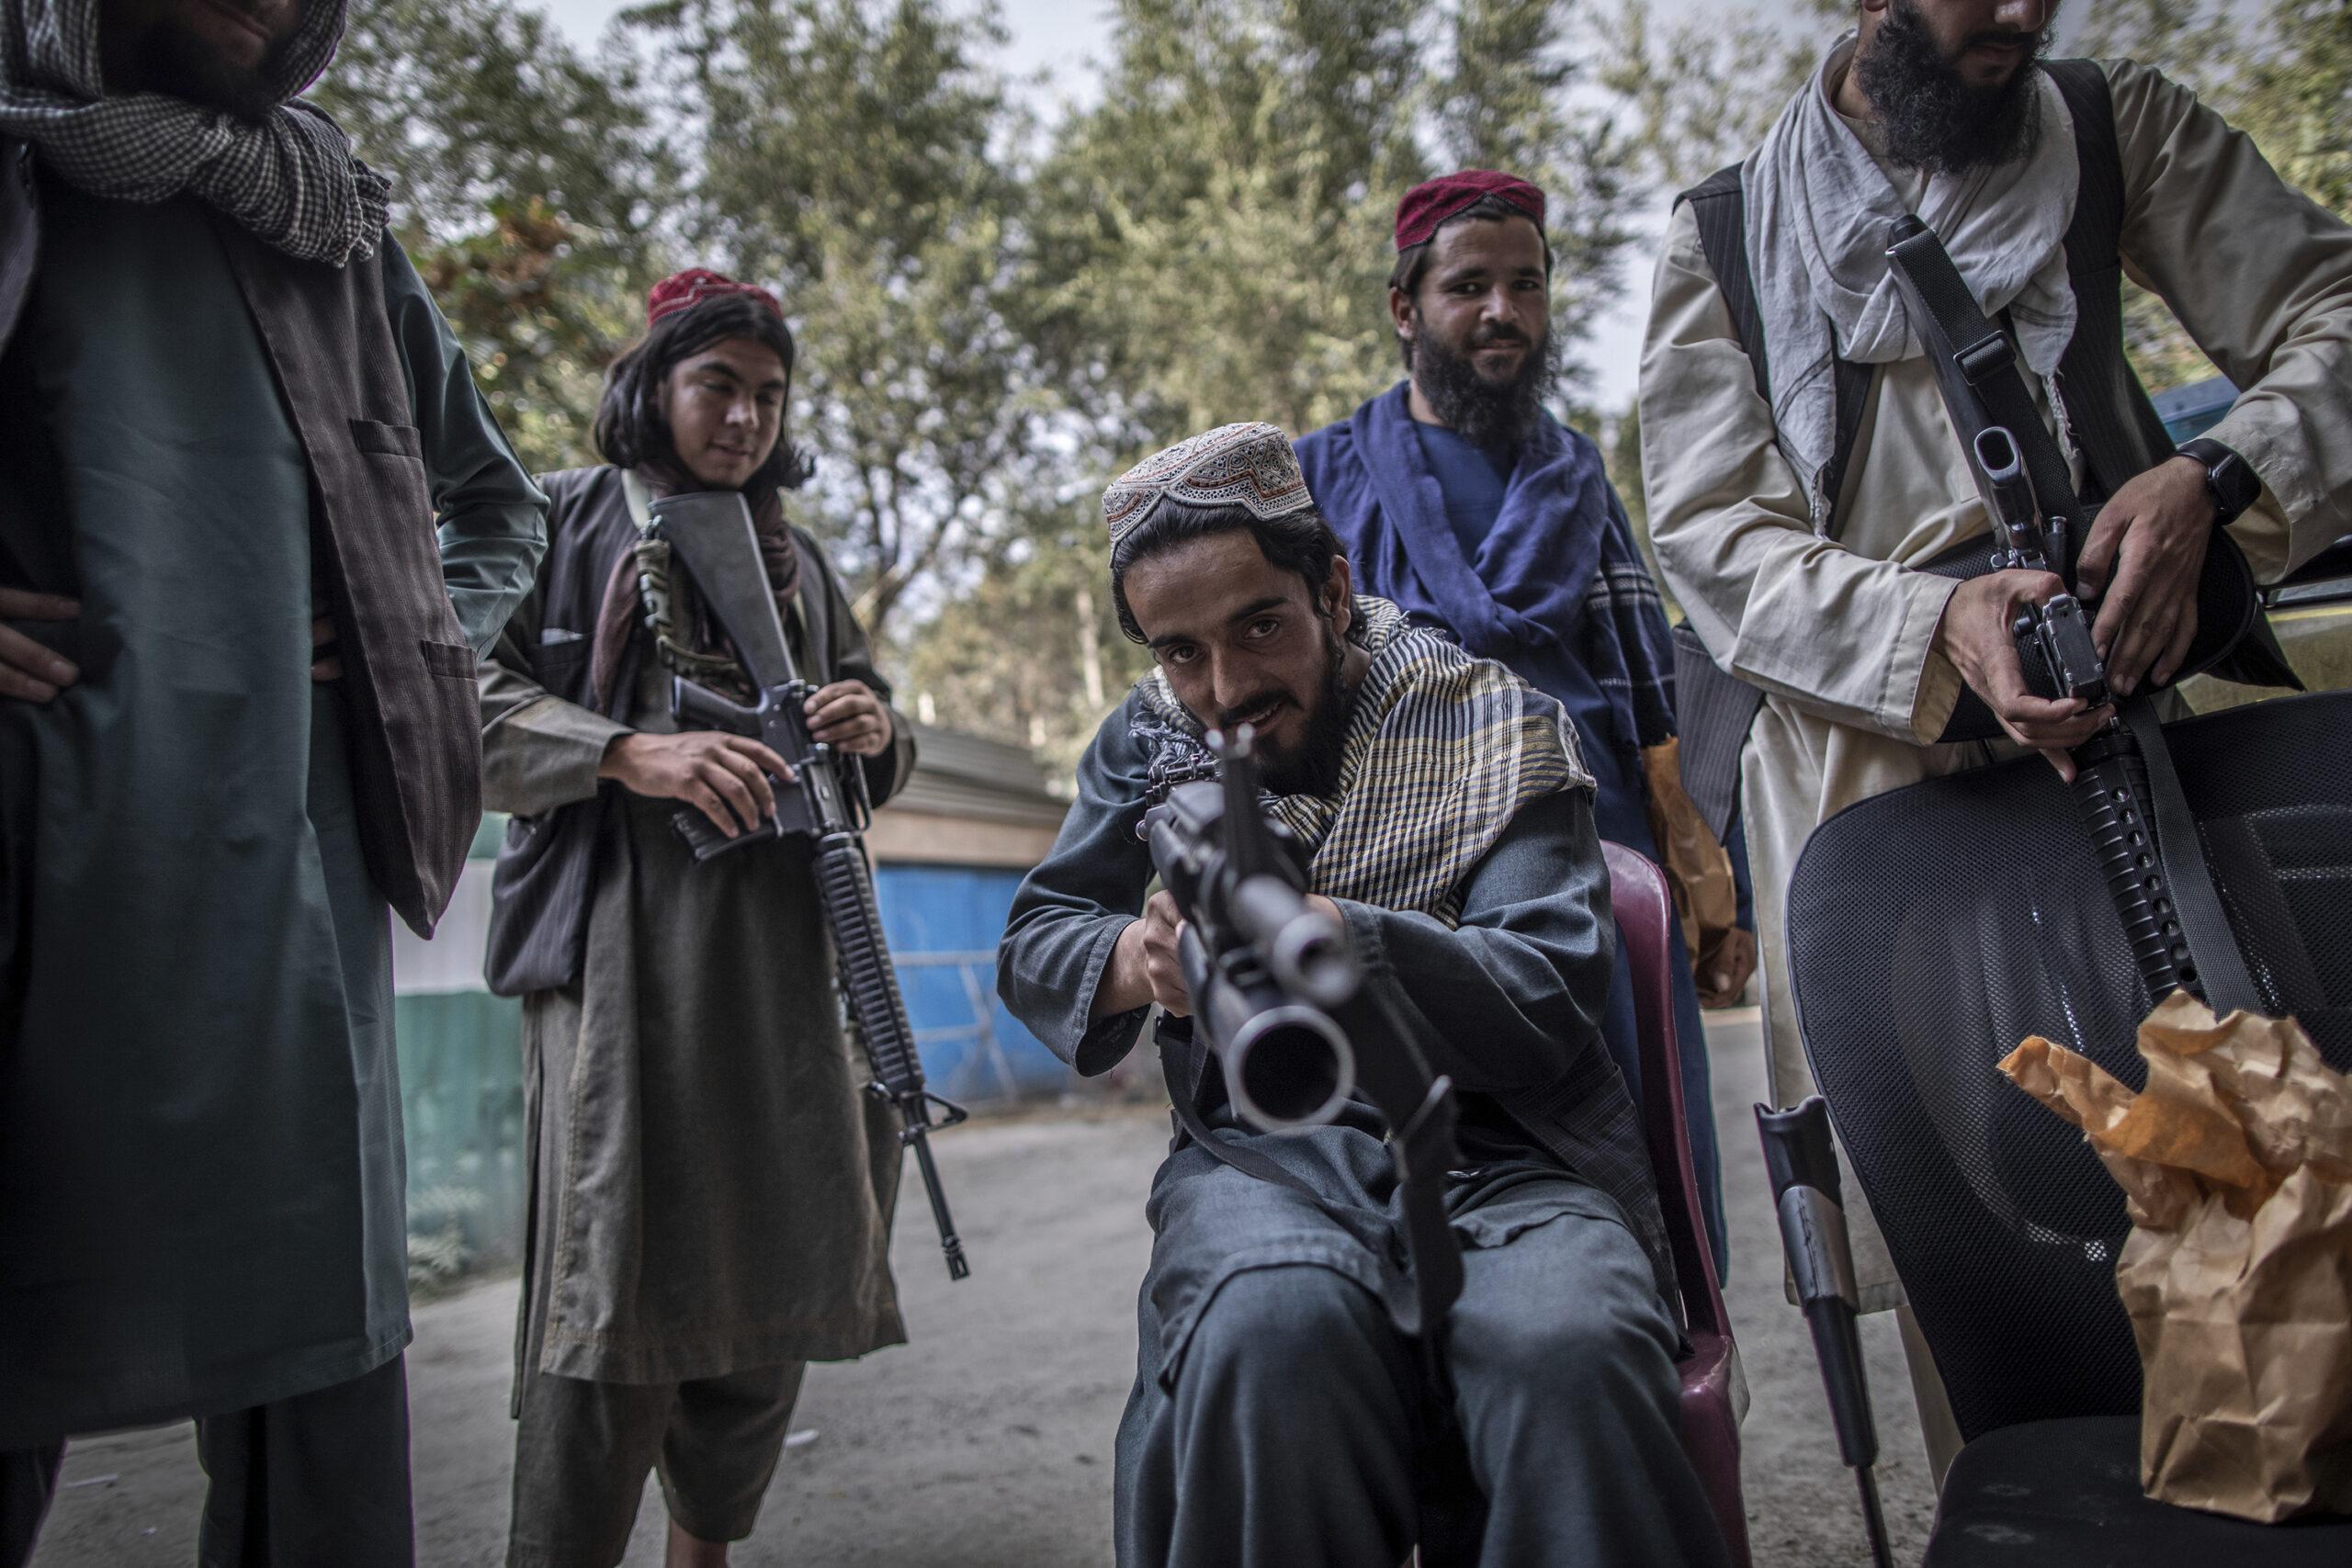 taliban fighter pointing gun at camera